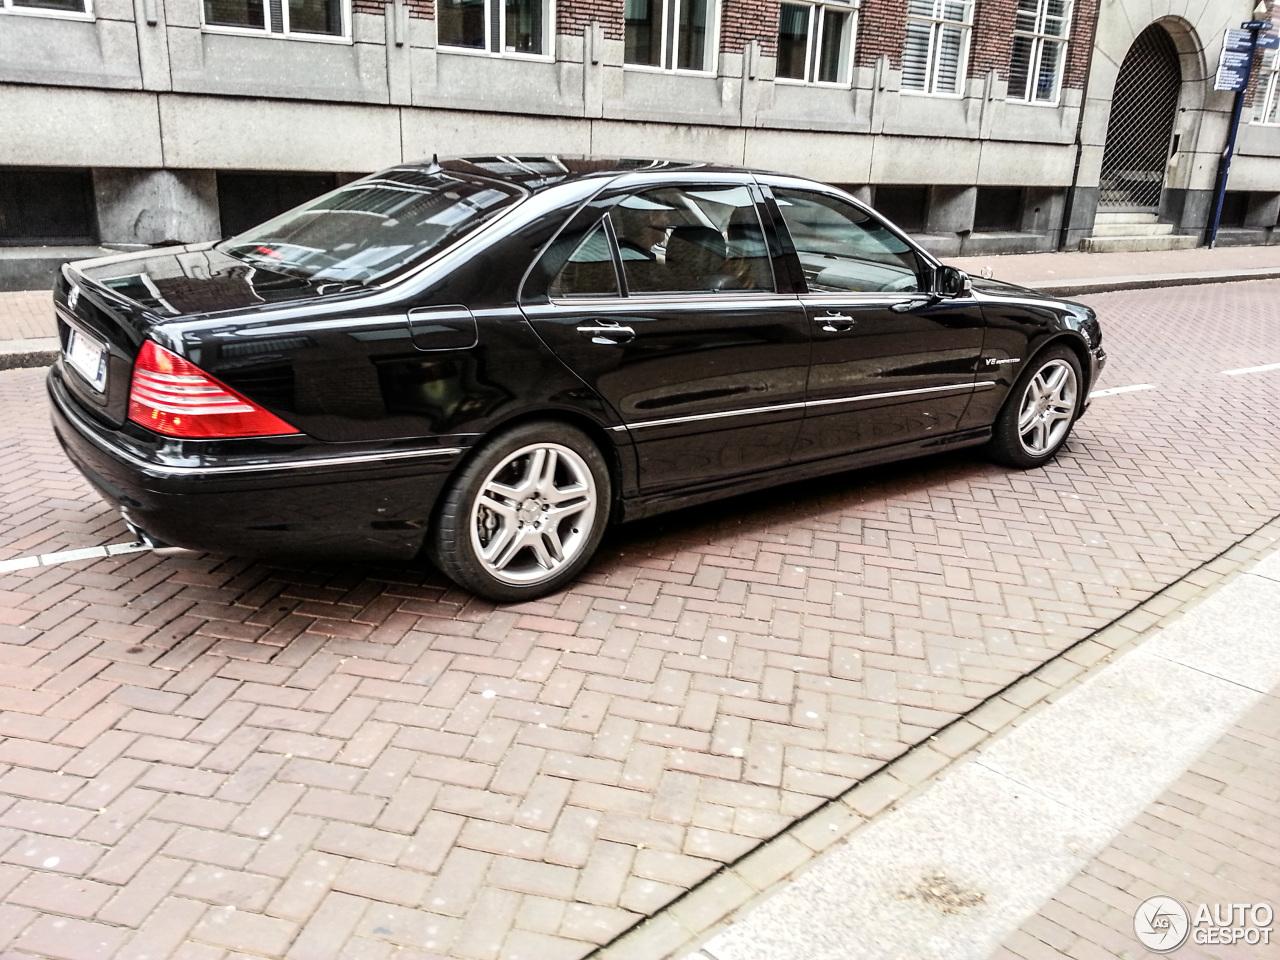 Mercedes benz s 55 amg w220 kompressor 8 april 2014 for Mercedes benz s 55